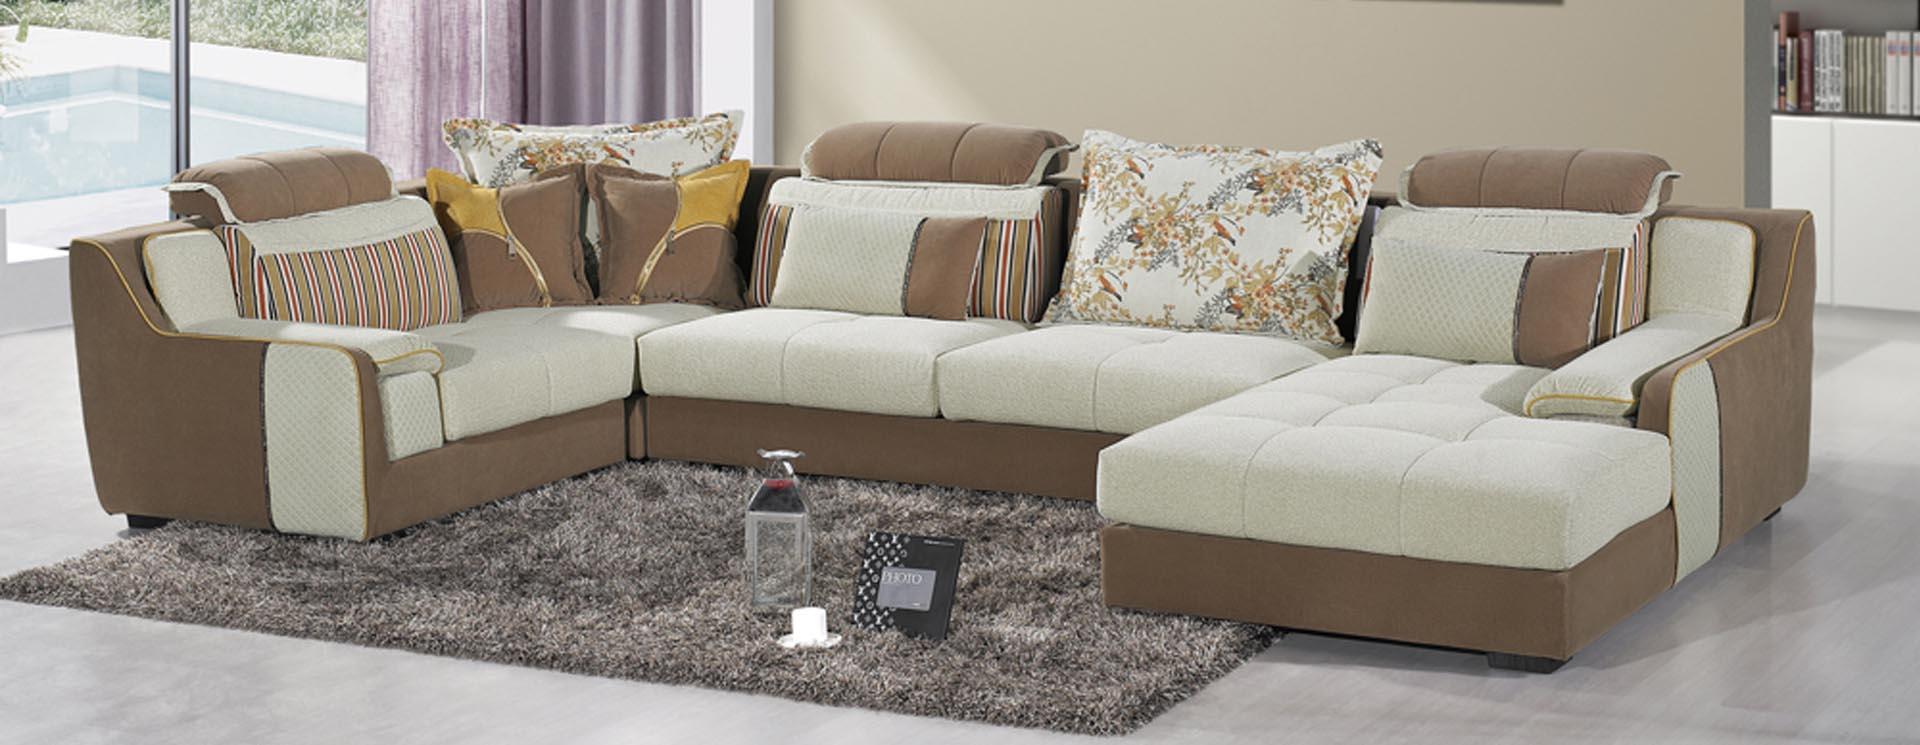 名称:沙发E691#A<br/> 市场价:<font style='color:#999;text-decoration:line-through;'>¥0</font><br />全国统一零售价:<font color='Red'>¥0.0</font>